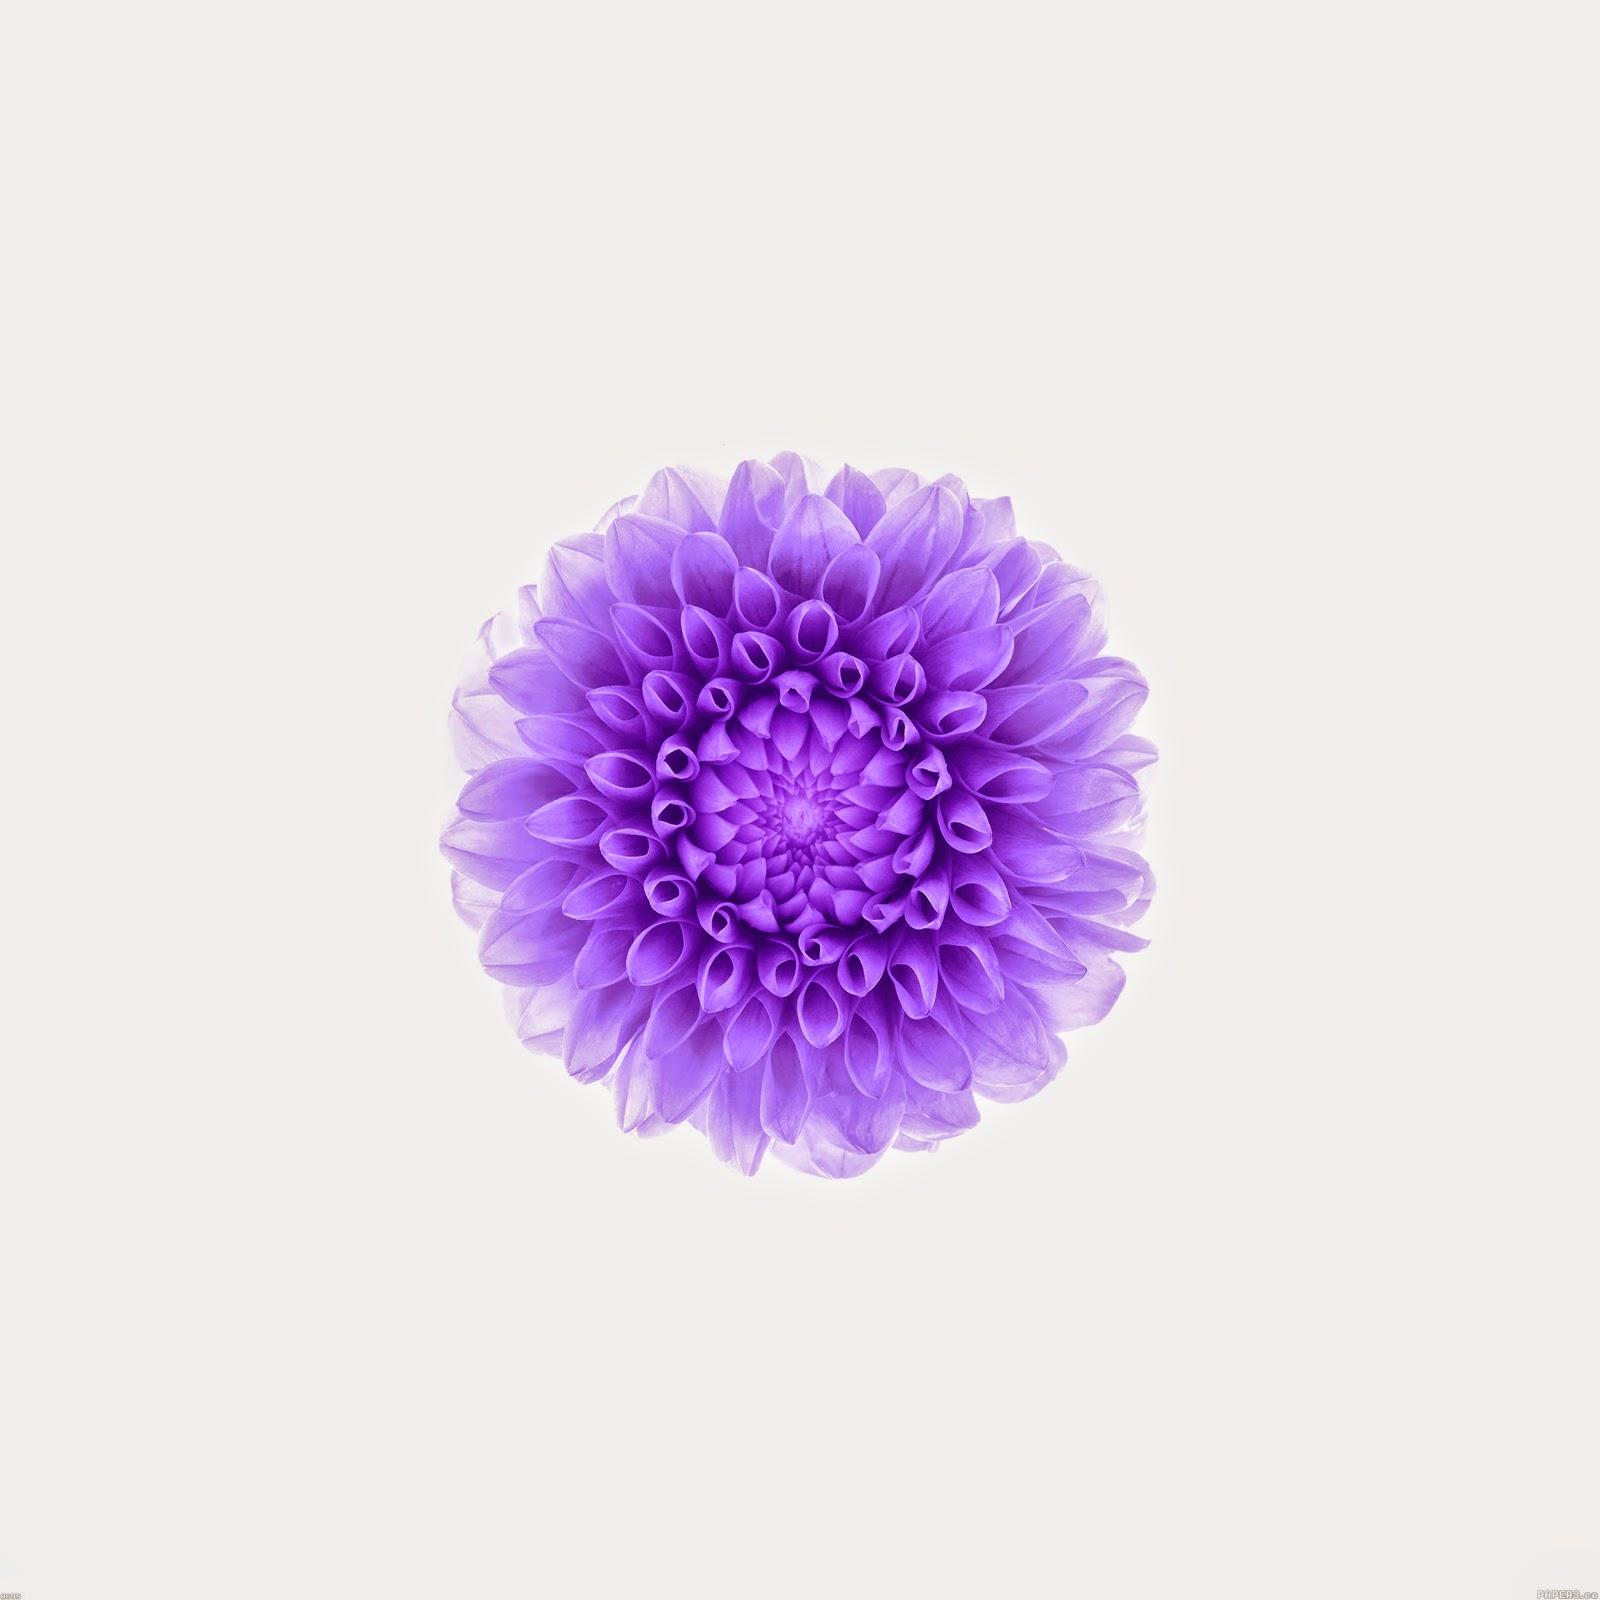 ac95 wallpaper apple iphone6 plus ios8 flower purple 9 wallpaperjpg 1600x1600